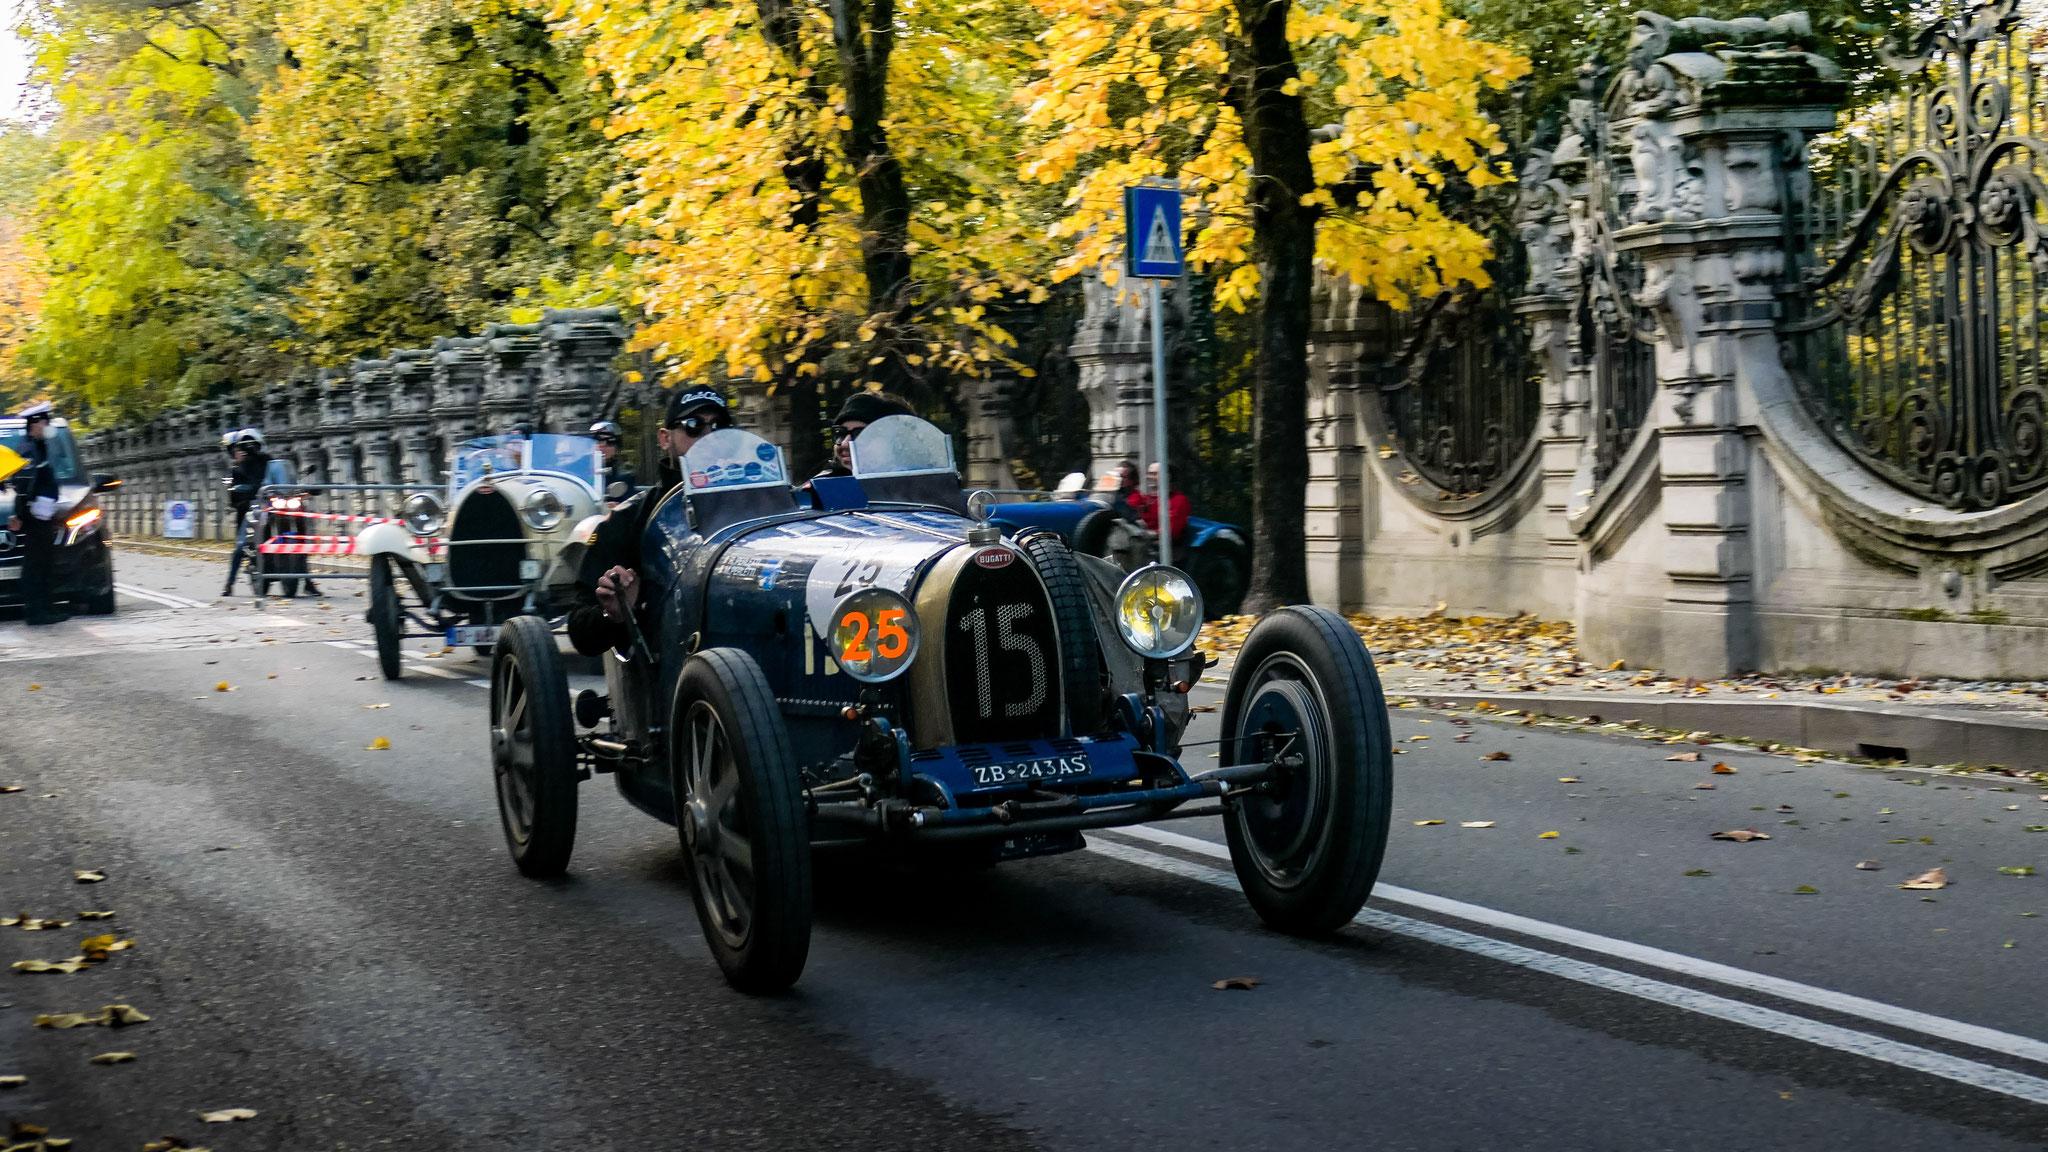 Bugatti Type 37 - ZB-243-AS (ITA)